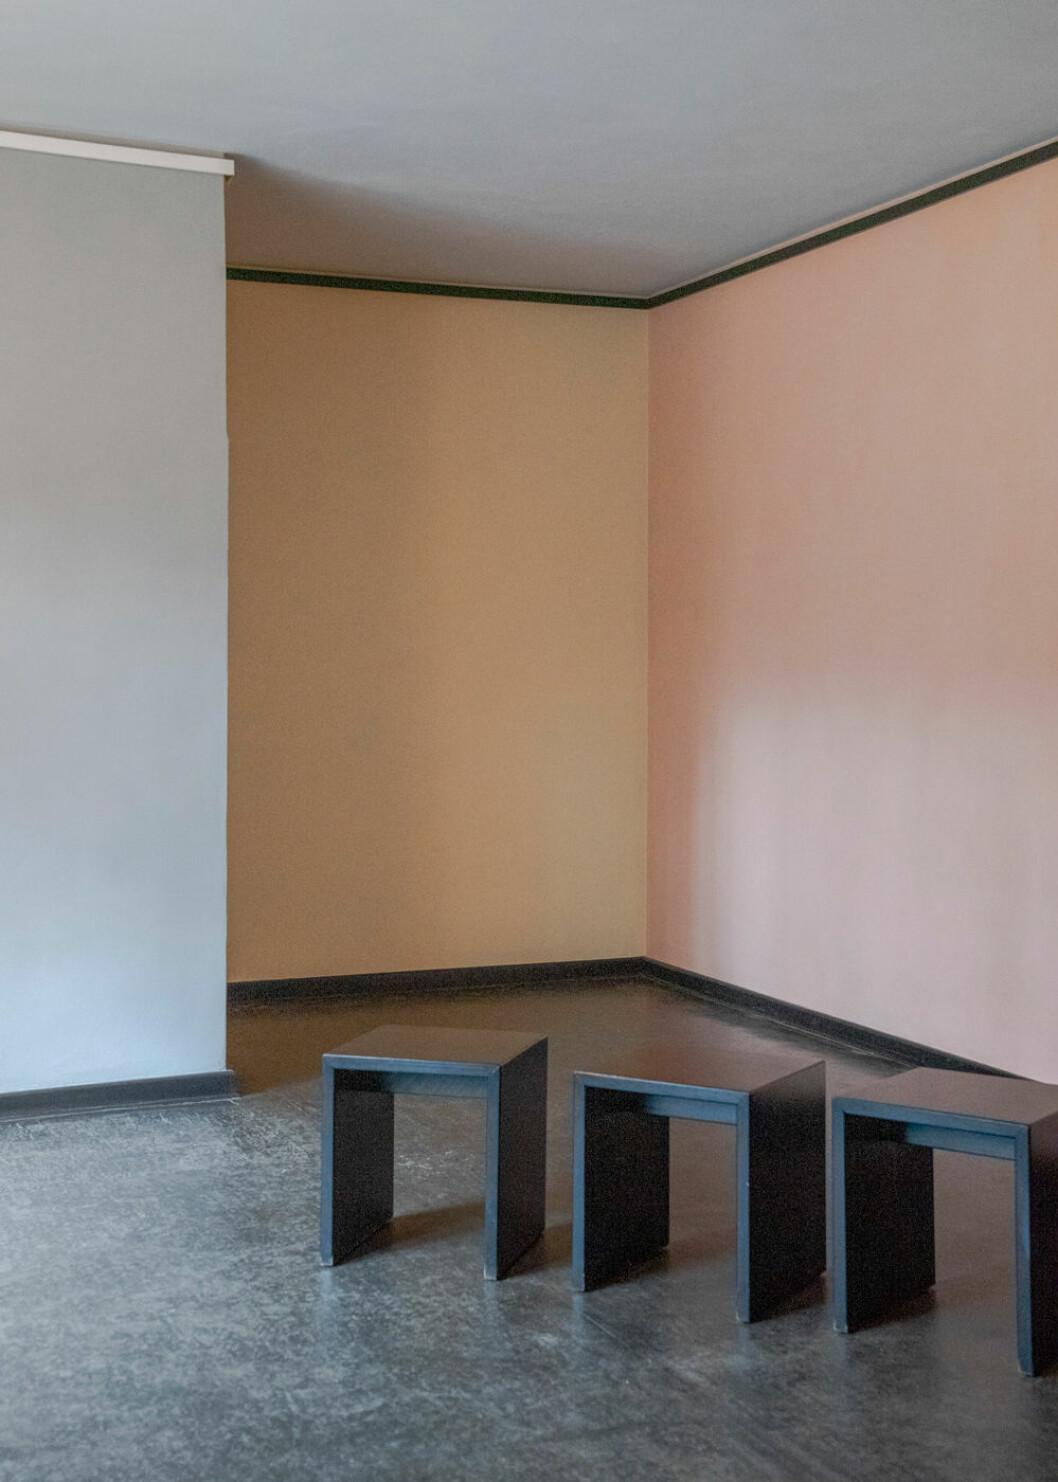 Ateljévåning i en av villorna som kalaldes för Meisterhäuser.